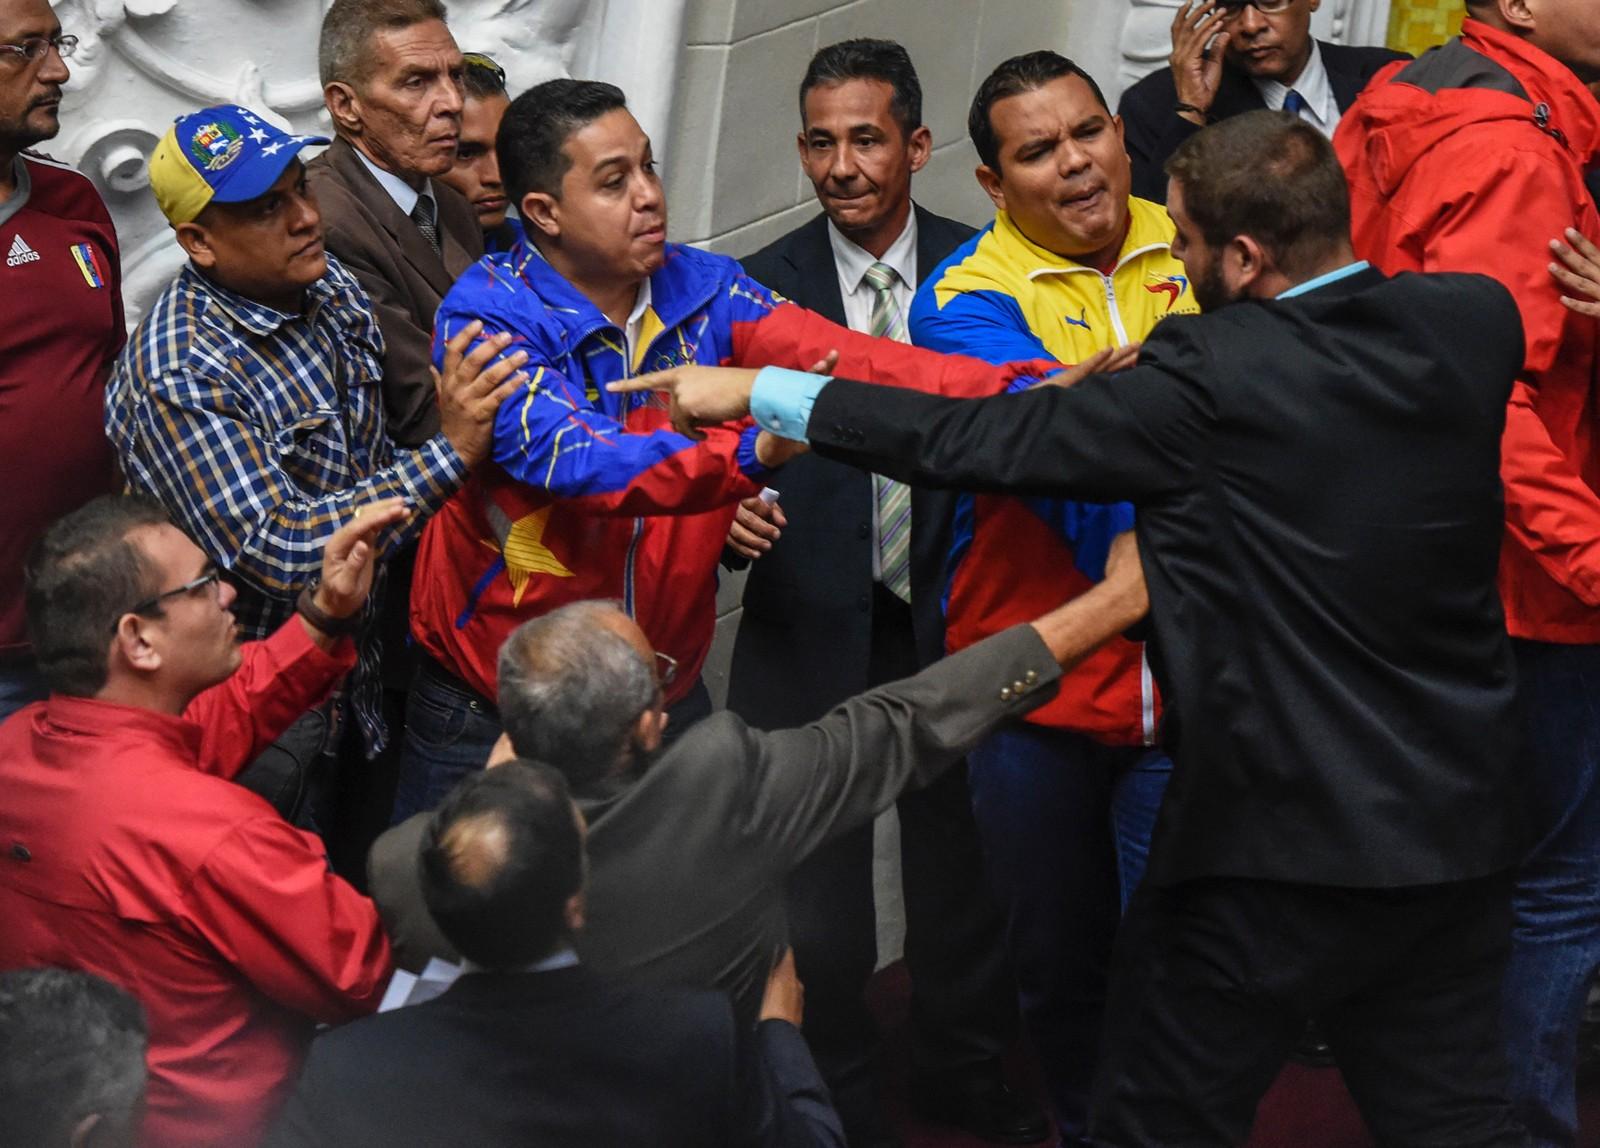 Medlemmer av opposisjonspartiene, MUD og PSUV småsloss i nasjonalforsamlinga 25. oktober.